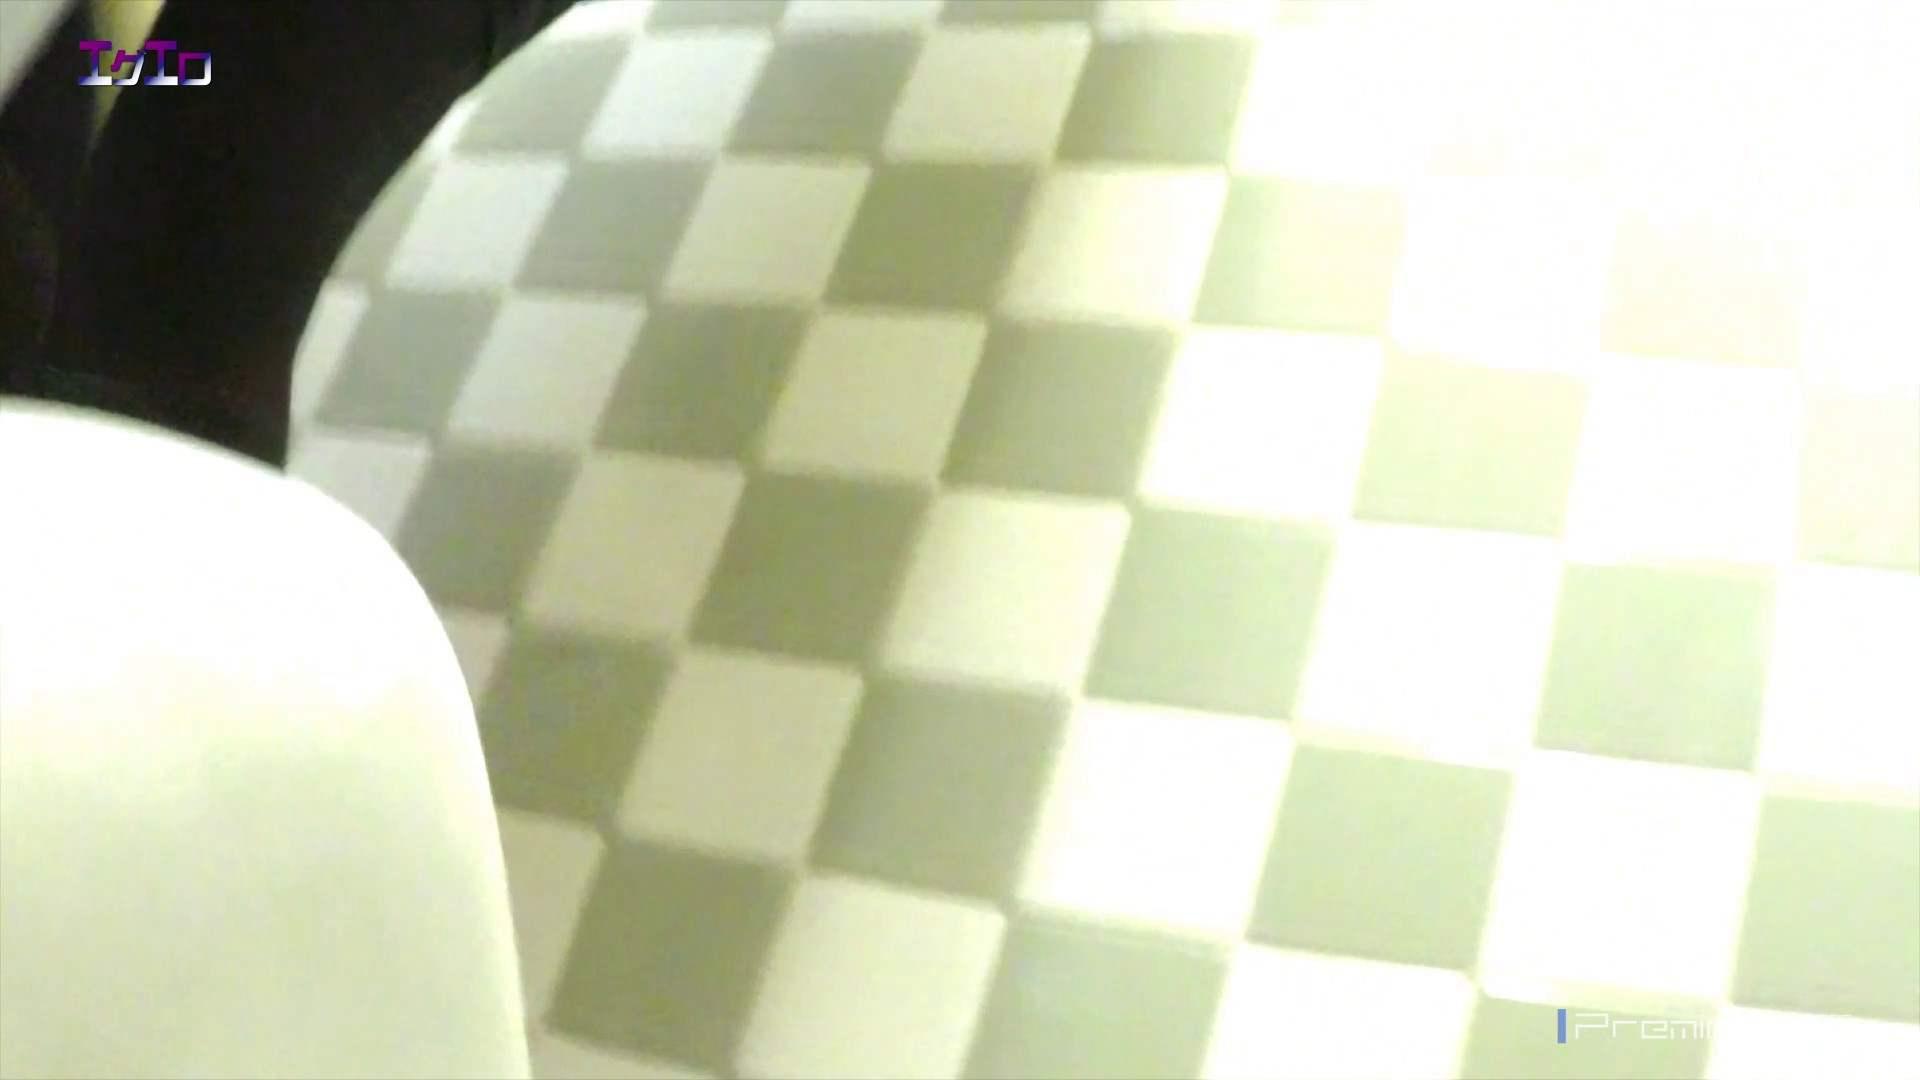 【20位 2016】至近距離洗面所 Vol.01 どうですか?このクオリティ!! 高画質 AV動画キャプチャ 85画像 29